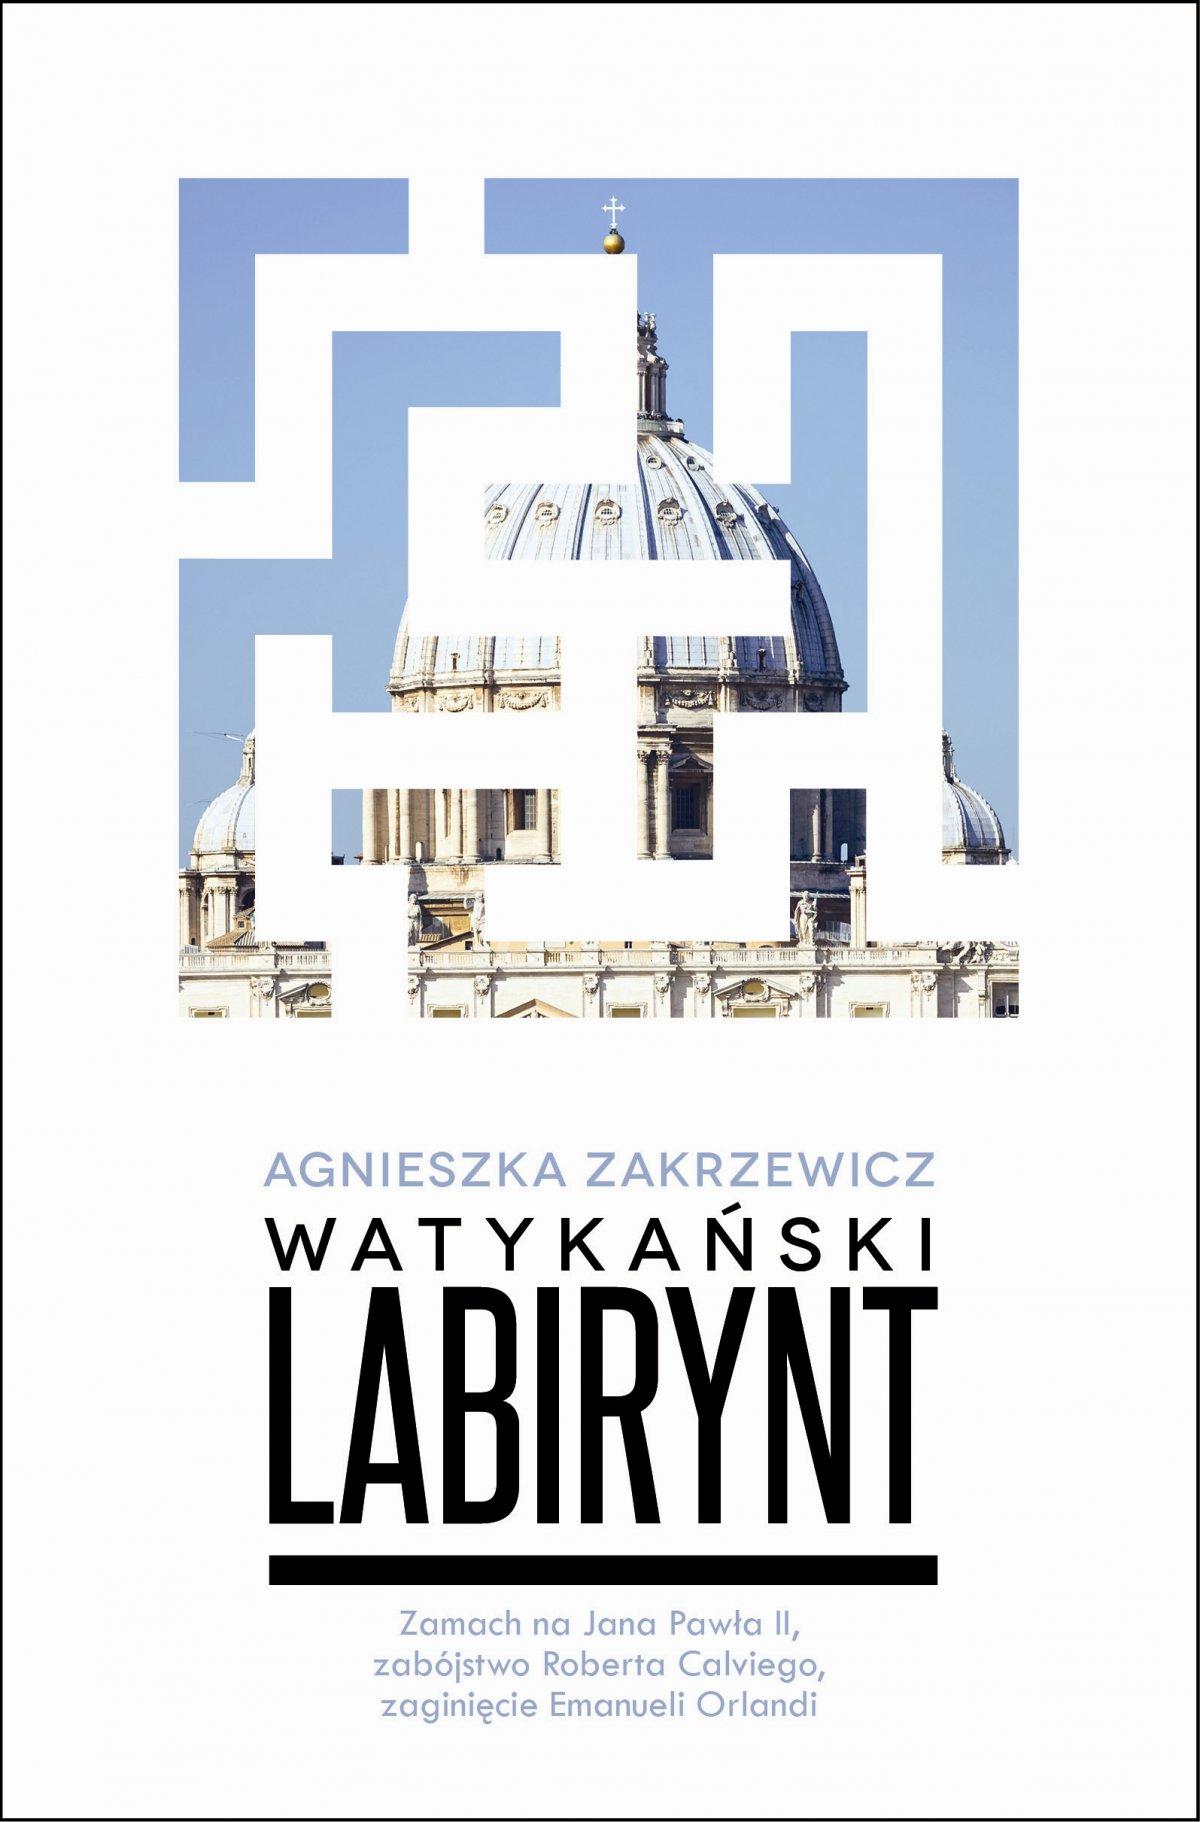 Watykański labirynt - Ebook (Książka EPUB) do pobrania w formacie EPUB